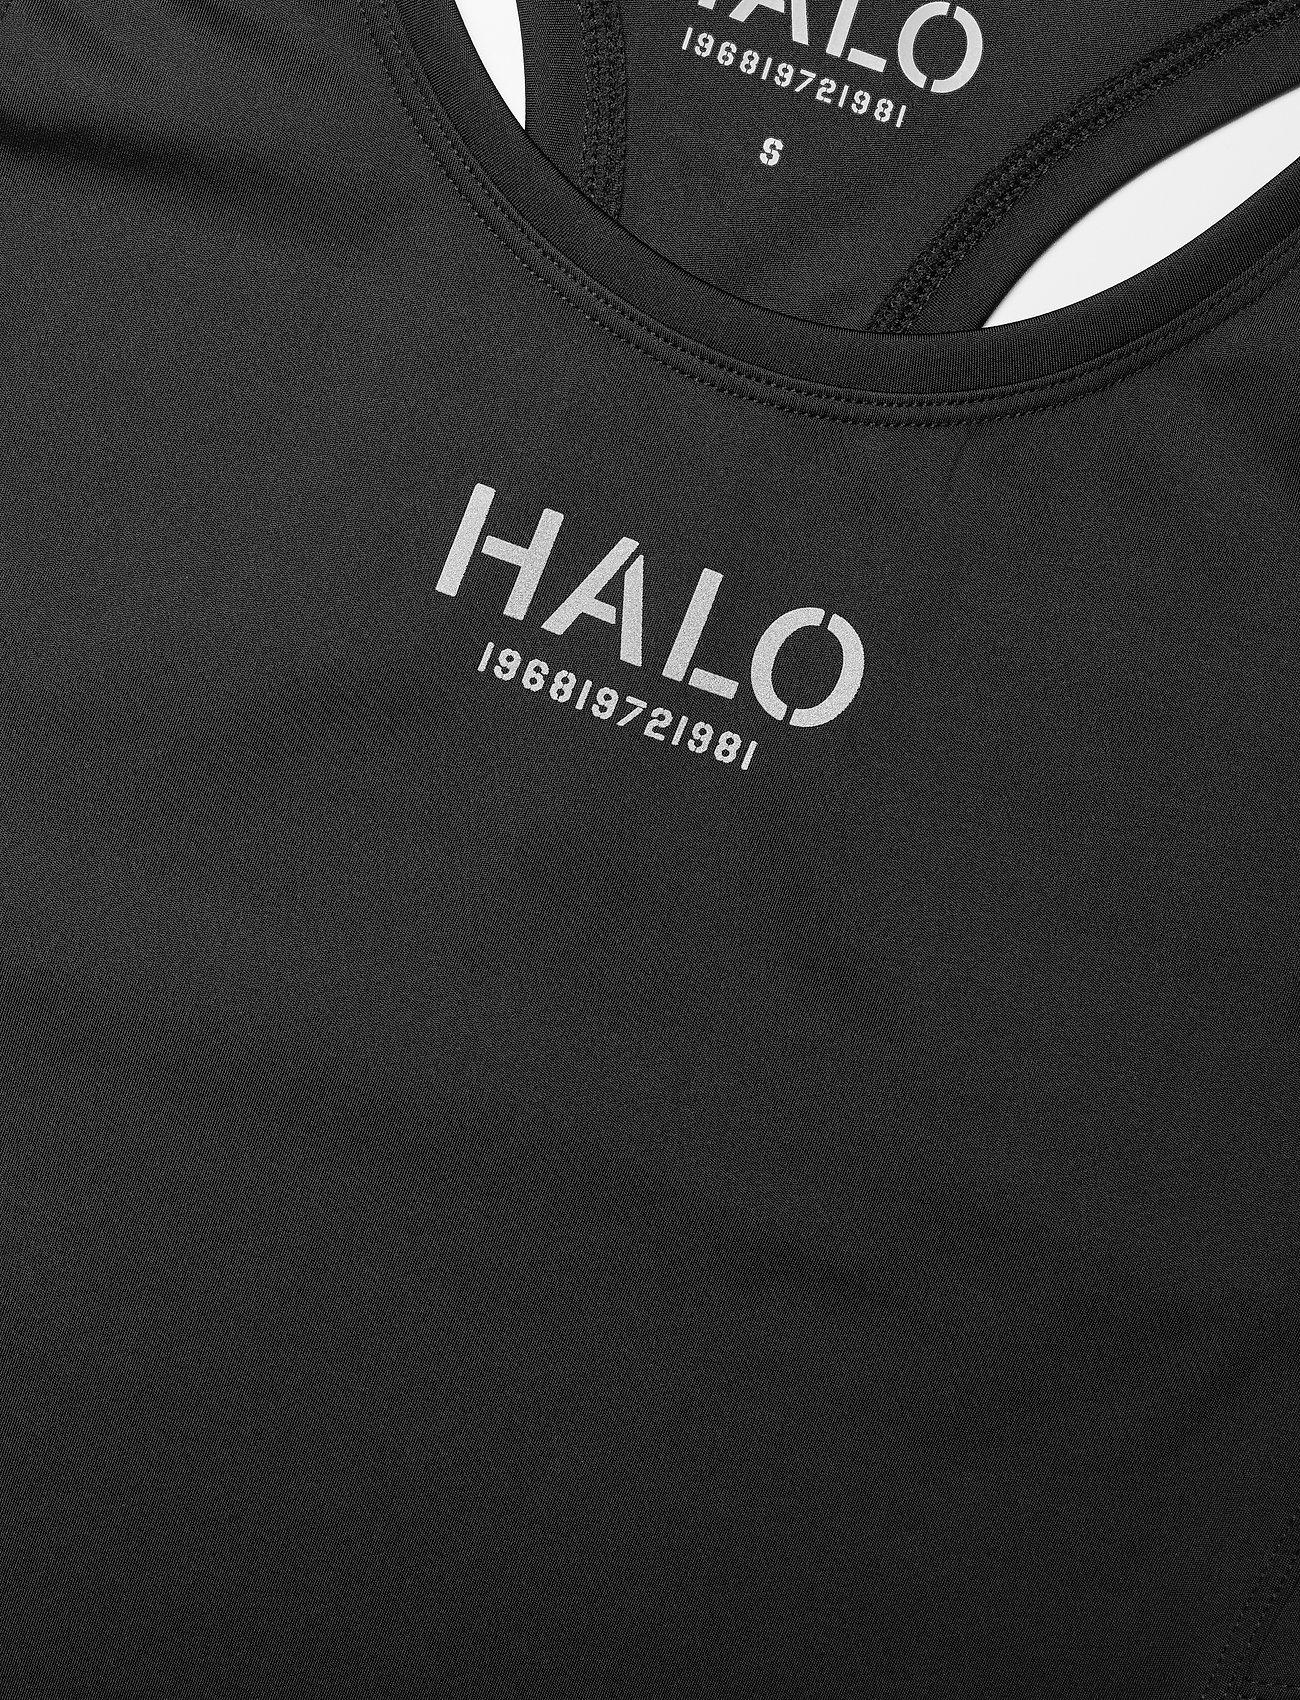 HALO - HALO WOMENS RACERBACK TANK - sleeveless tops - black - 2